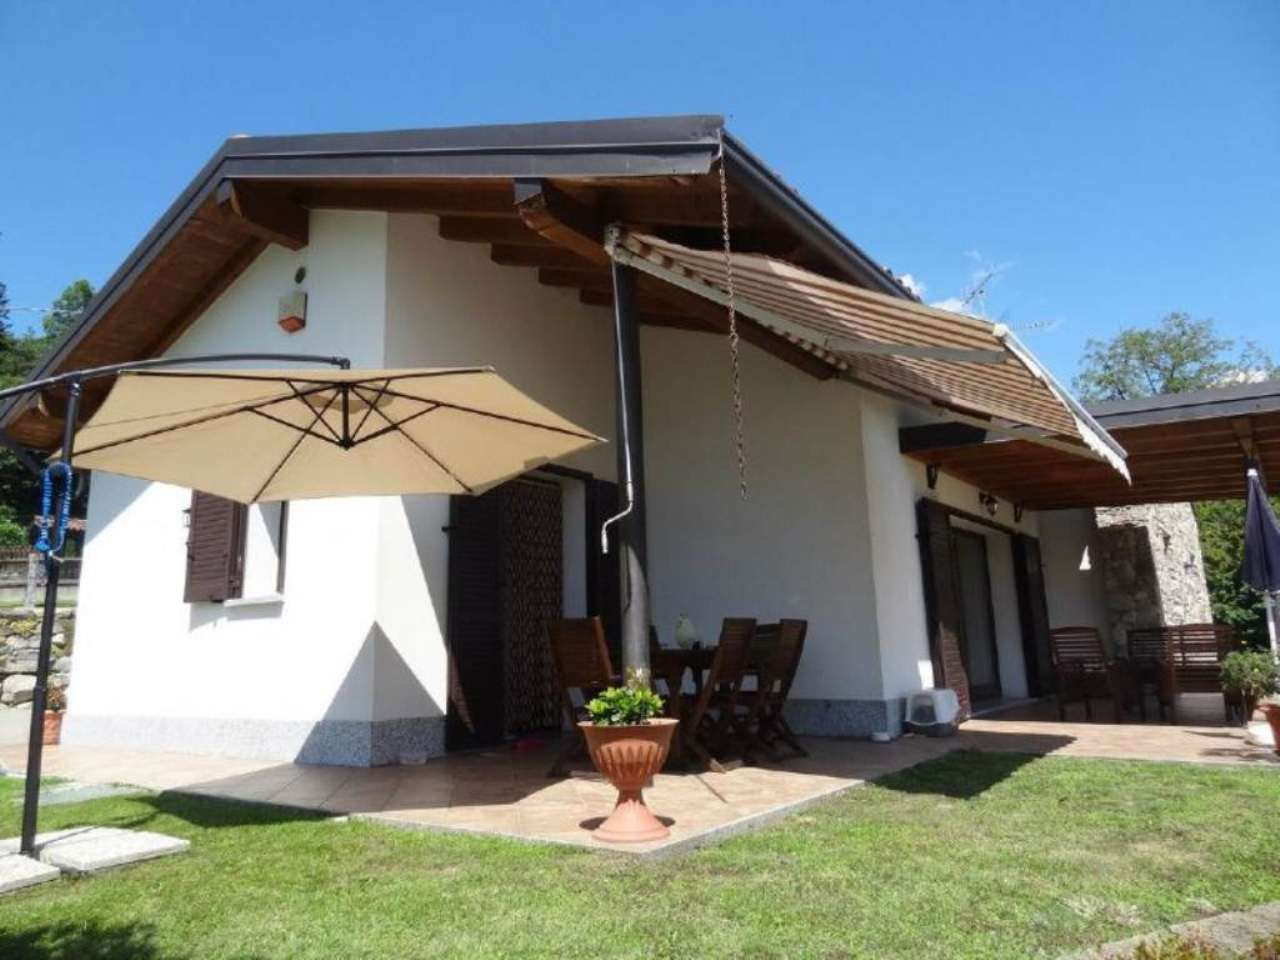 Villa in vendita a Luino, 6 locali, prezzo € 480.000 | CambioCasa.it